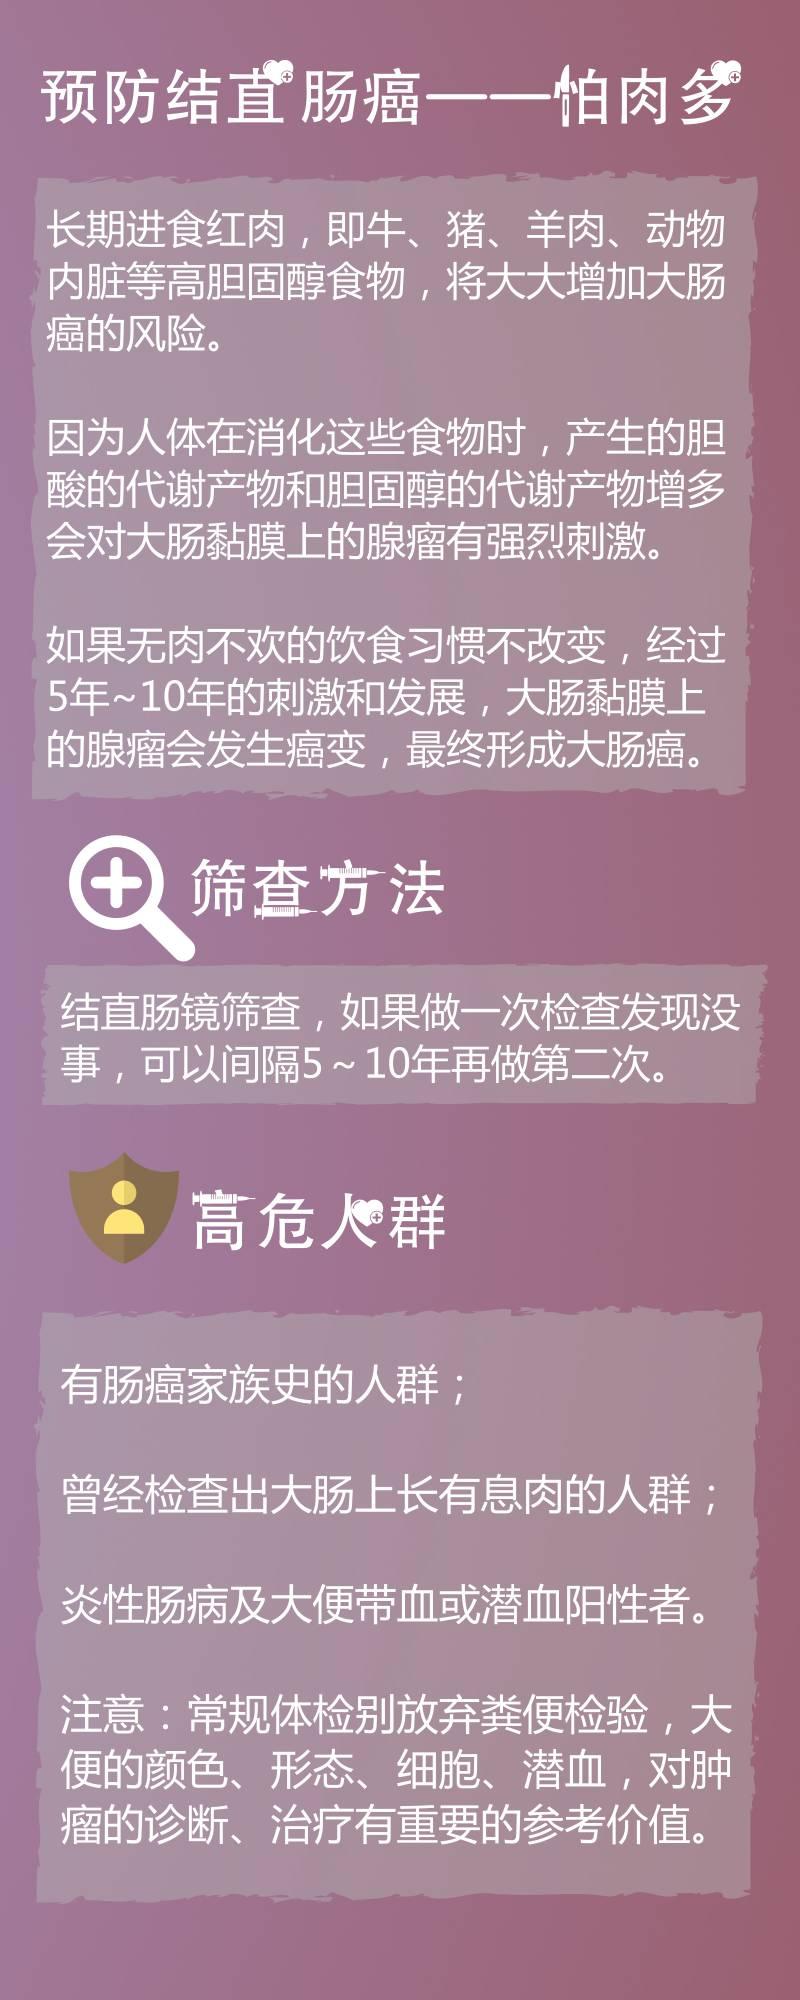 中国人患癌,80都死于这六种癌症!不过,防治方法却如此简单! - 天地一沙鸥 - 日常生活宝典